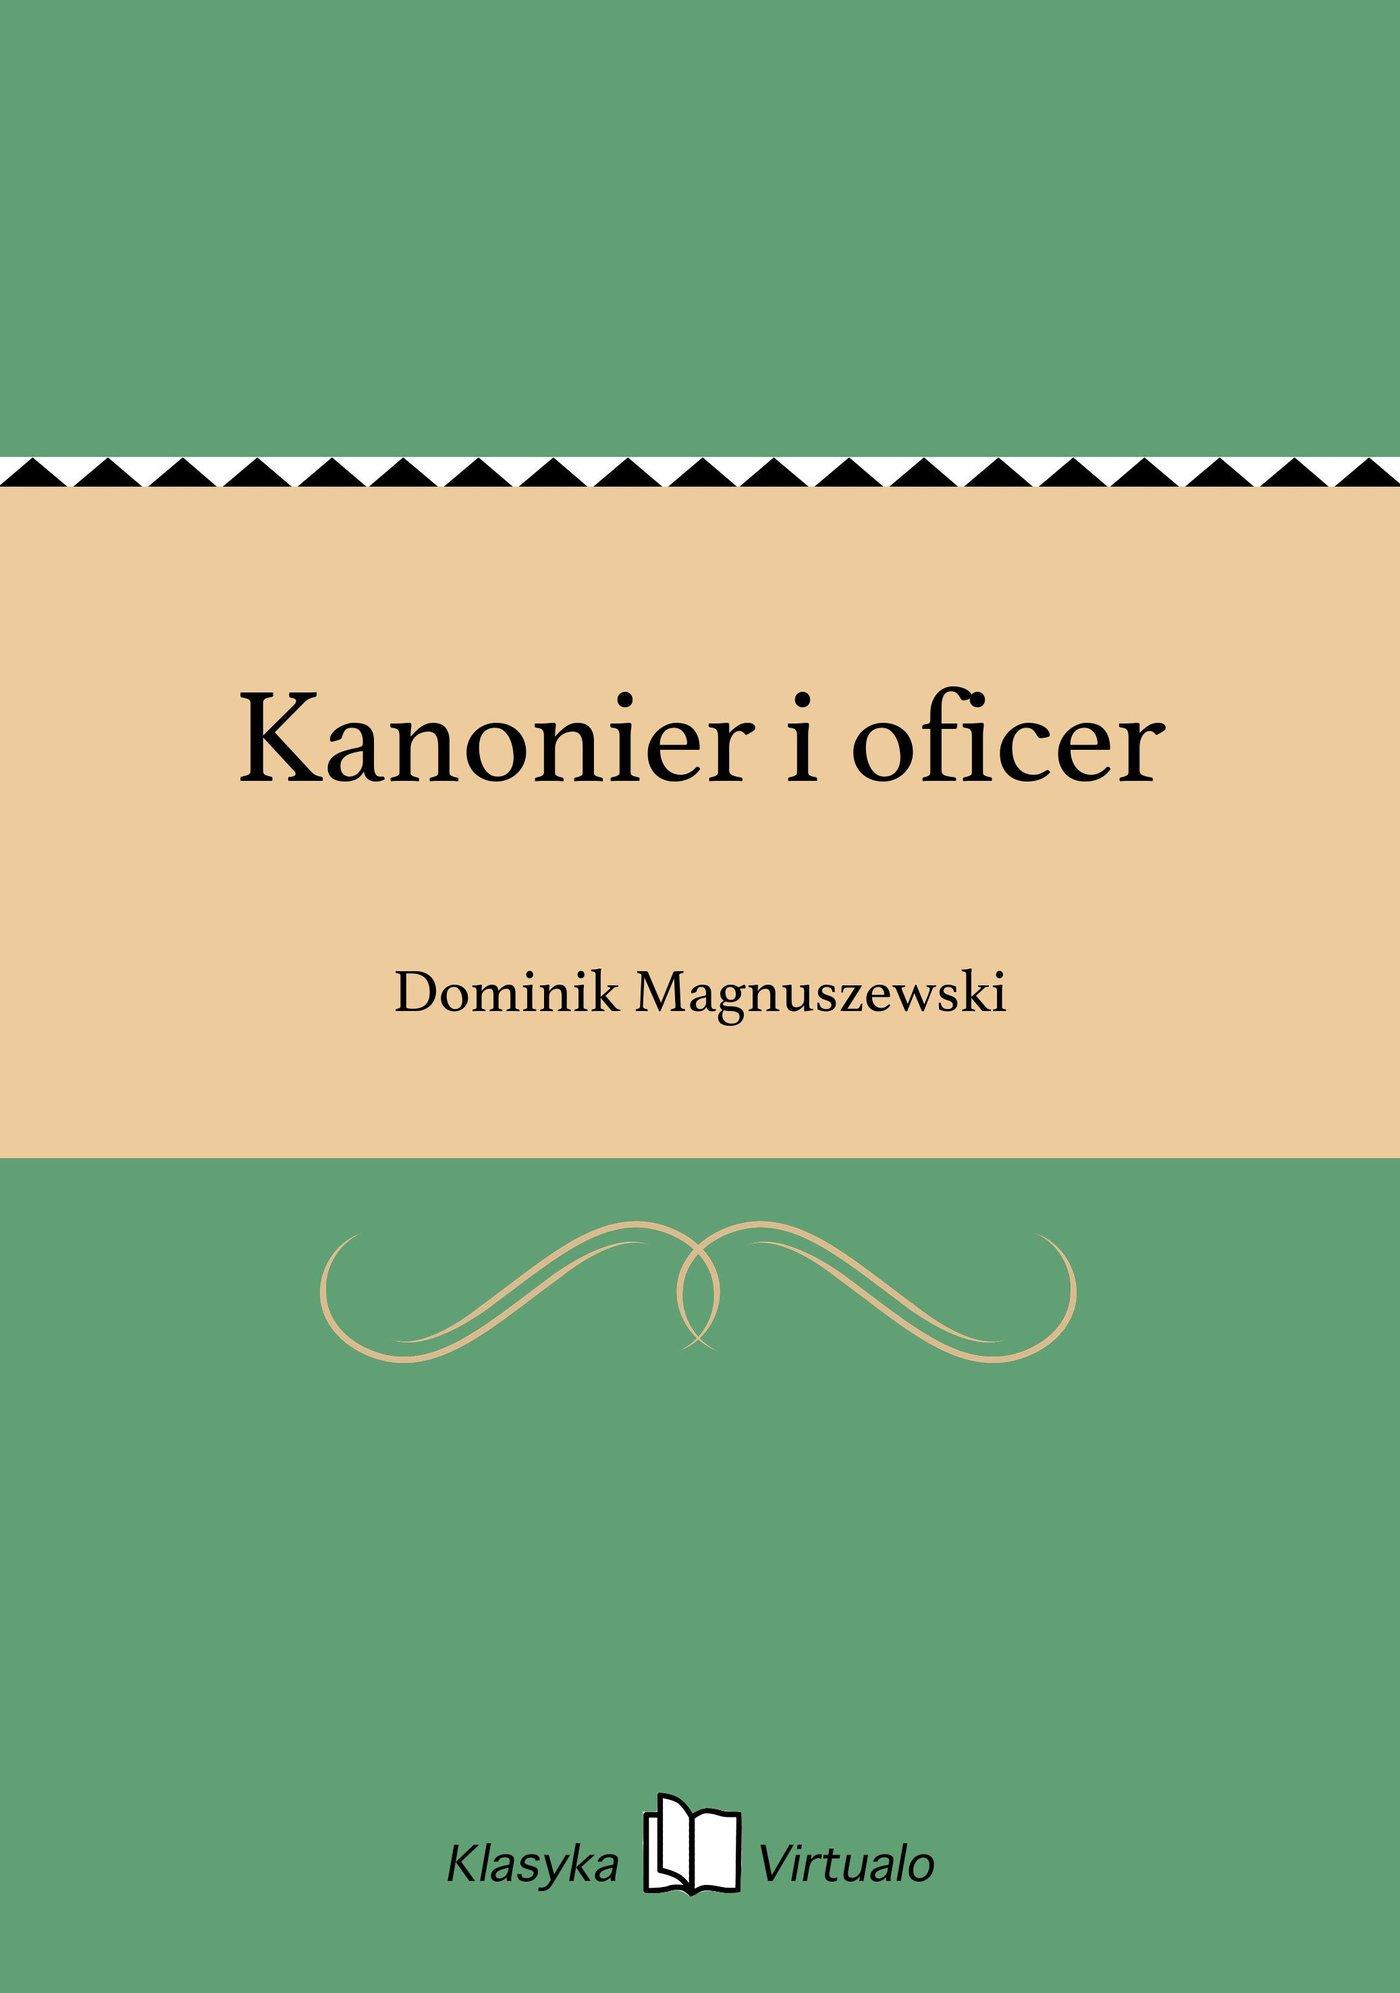 Kanonier i oficer - Ebook (Książka EPUB) do pobrania w formacie EPUB